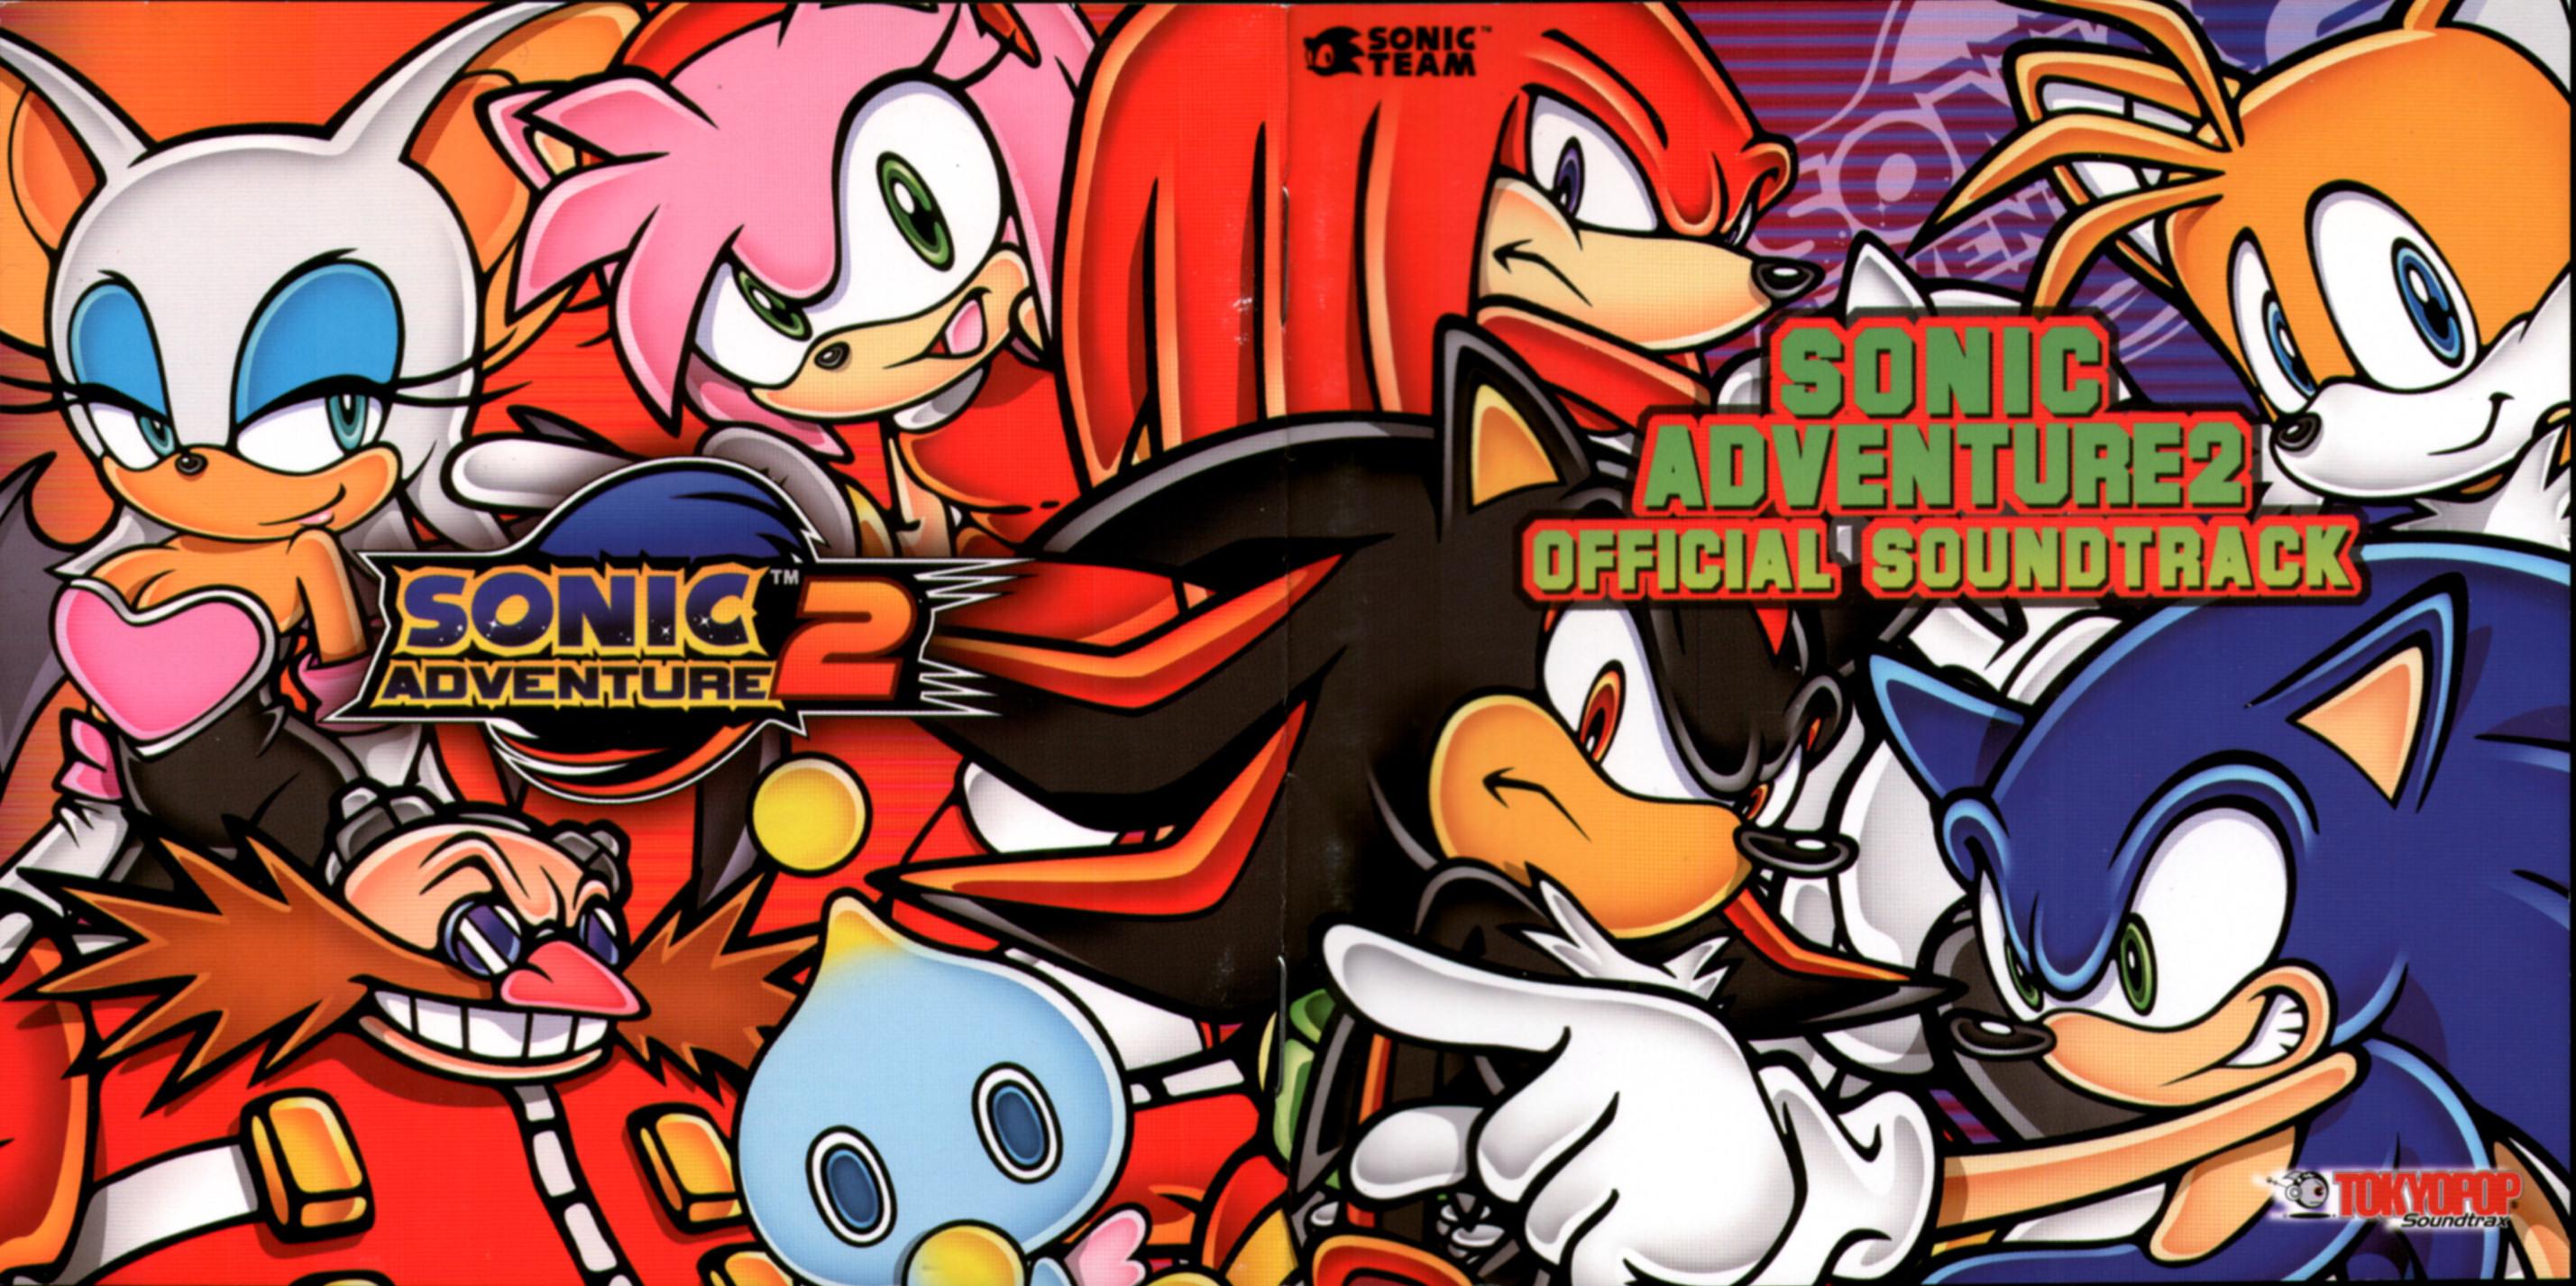 Captain Williams co uk =/\= | Sonic Adventure 2 Feature